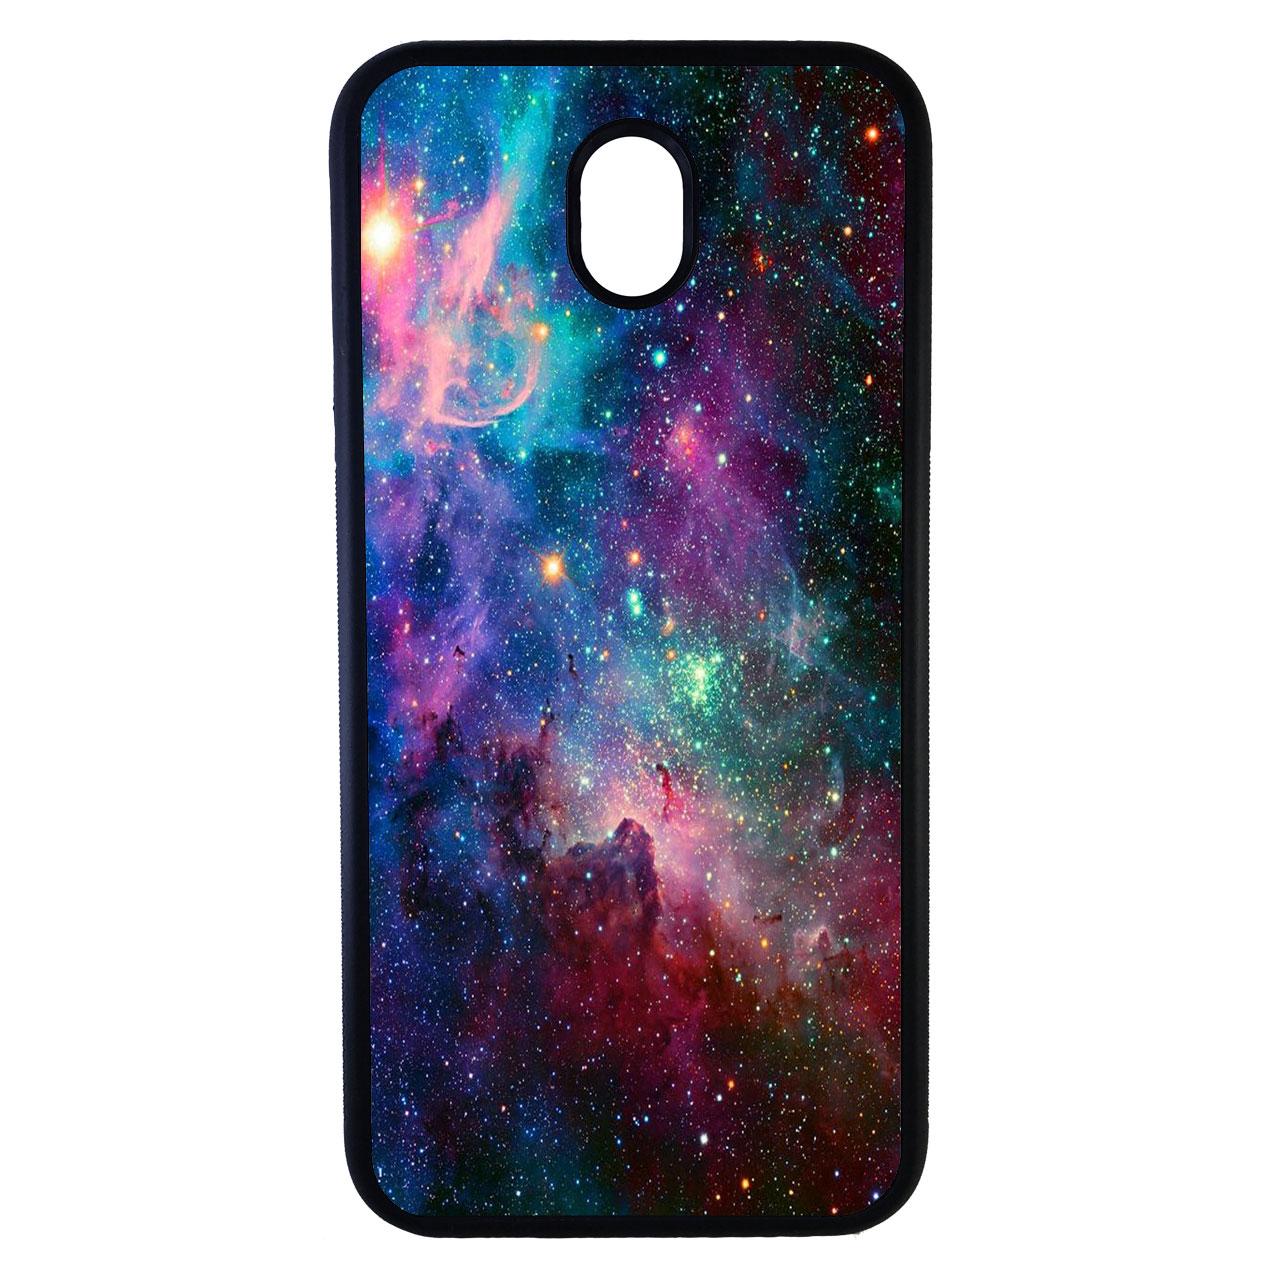 کاور طرح کهکشان مدل 0270 مناسب برای گوشی موبایل سامسونگ galaxy j7 pro/j730